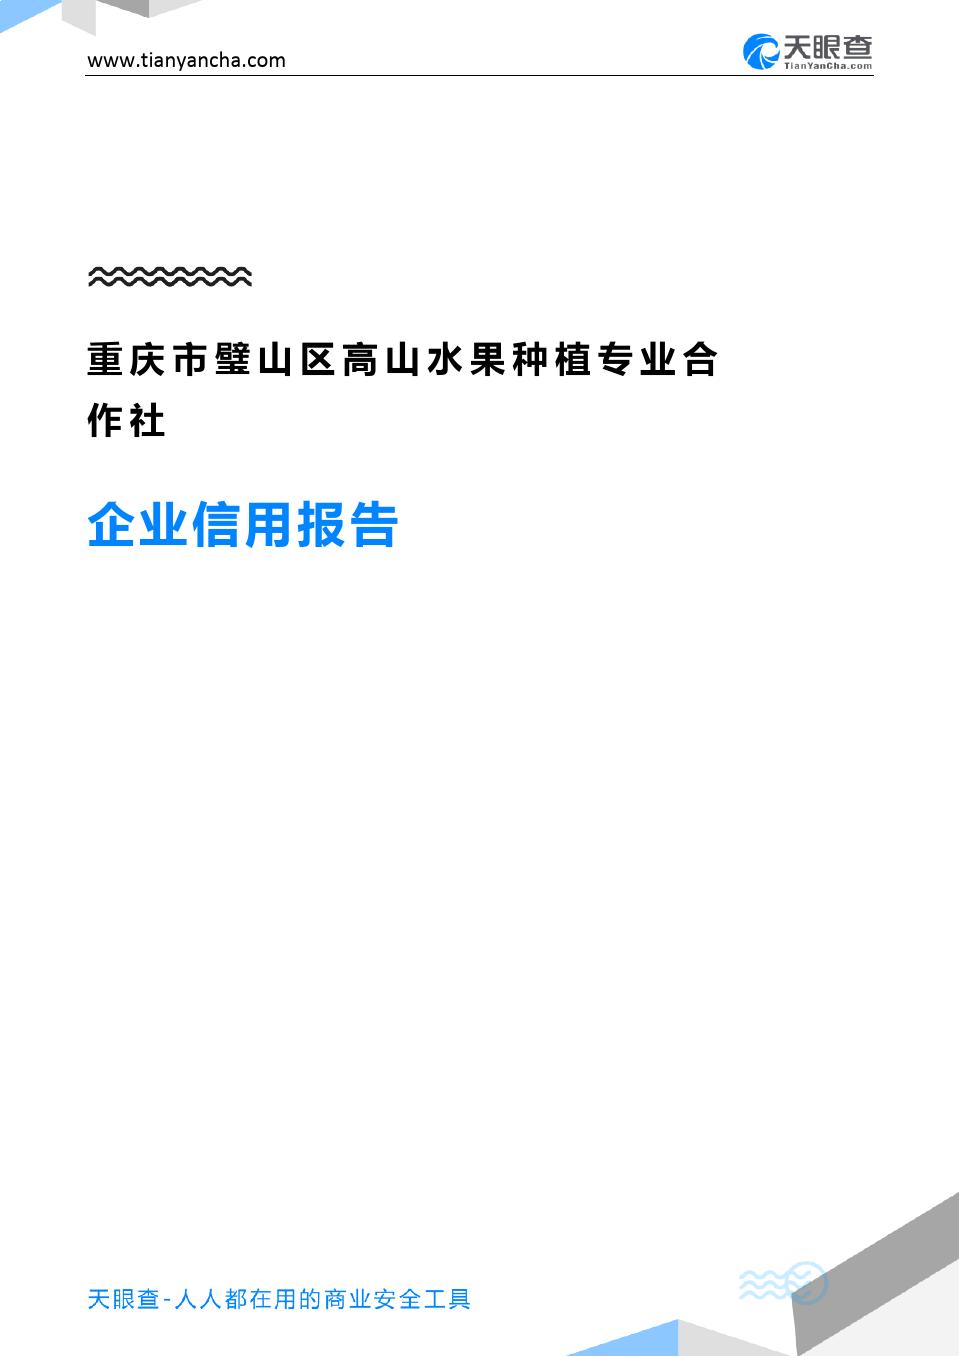 重庆市璧山区高山水果种植专业合作社企业信用报告-天眼查